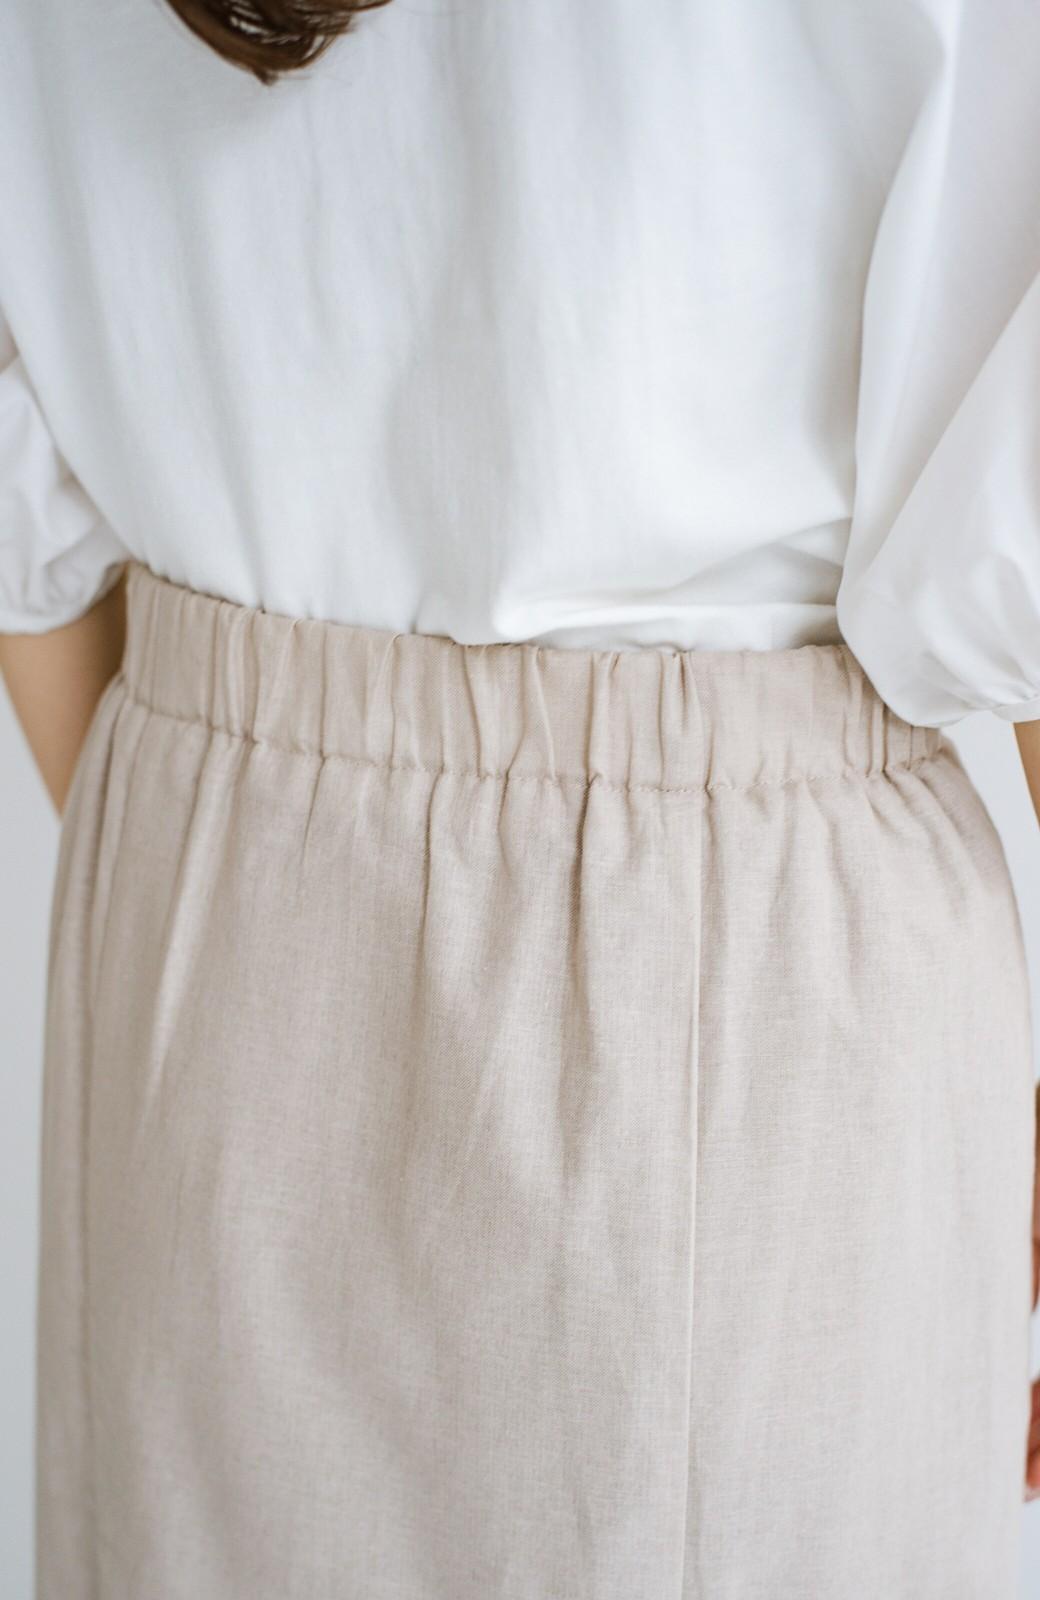 haco! Tシャツと合わせるだけでコーデが決まる!楽して女っぽが叶う麻混マーメイドスカート by que made me <ベージュ>の商品写真6